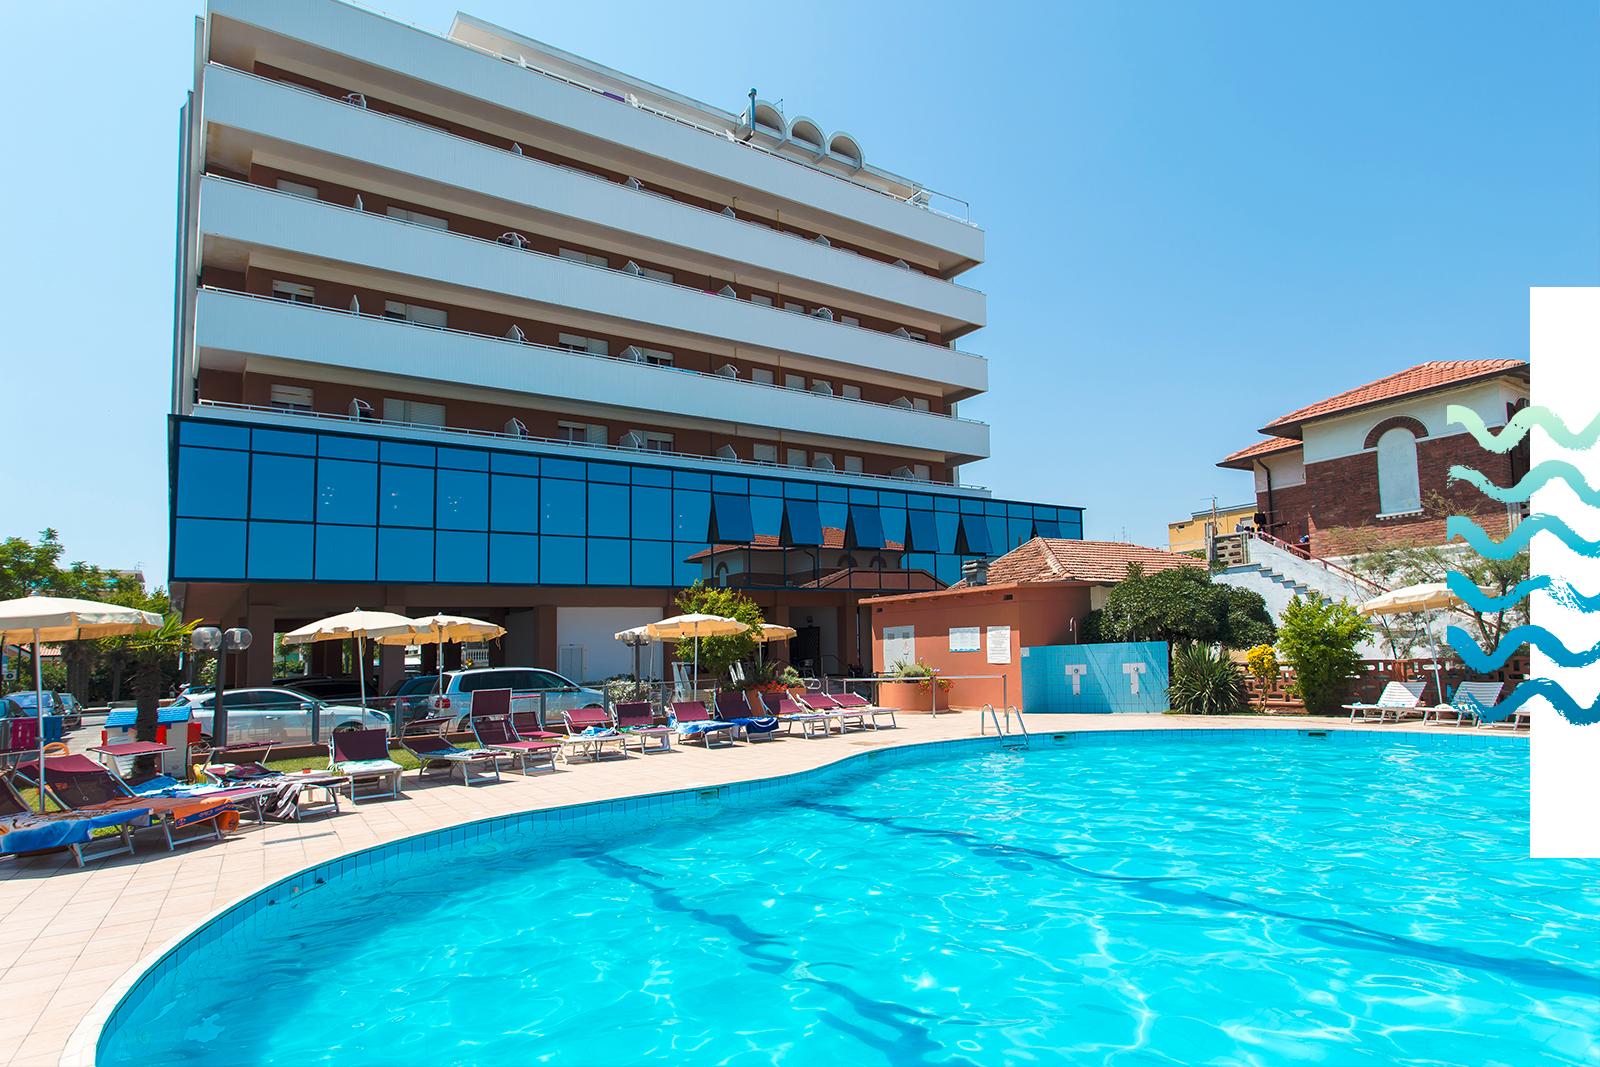 Pollini hotels cesenatico villamarina di cesenatico - Hotel gatteo mare con piscina ...